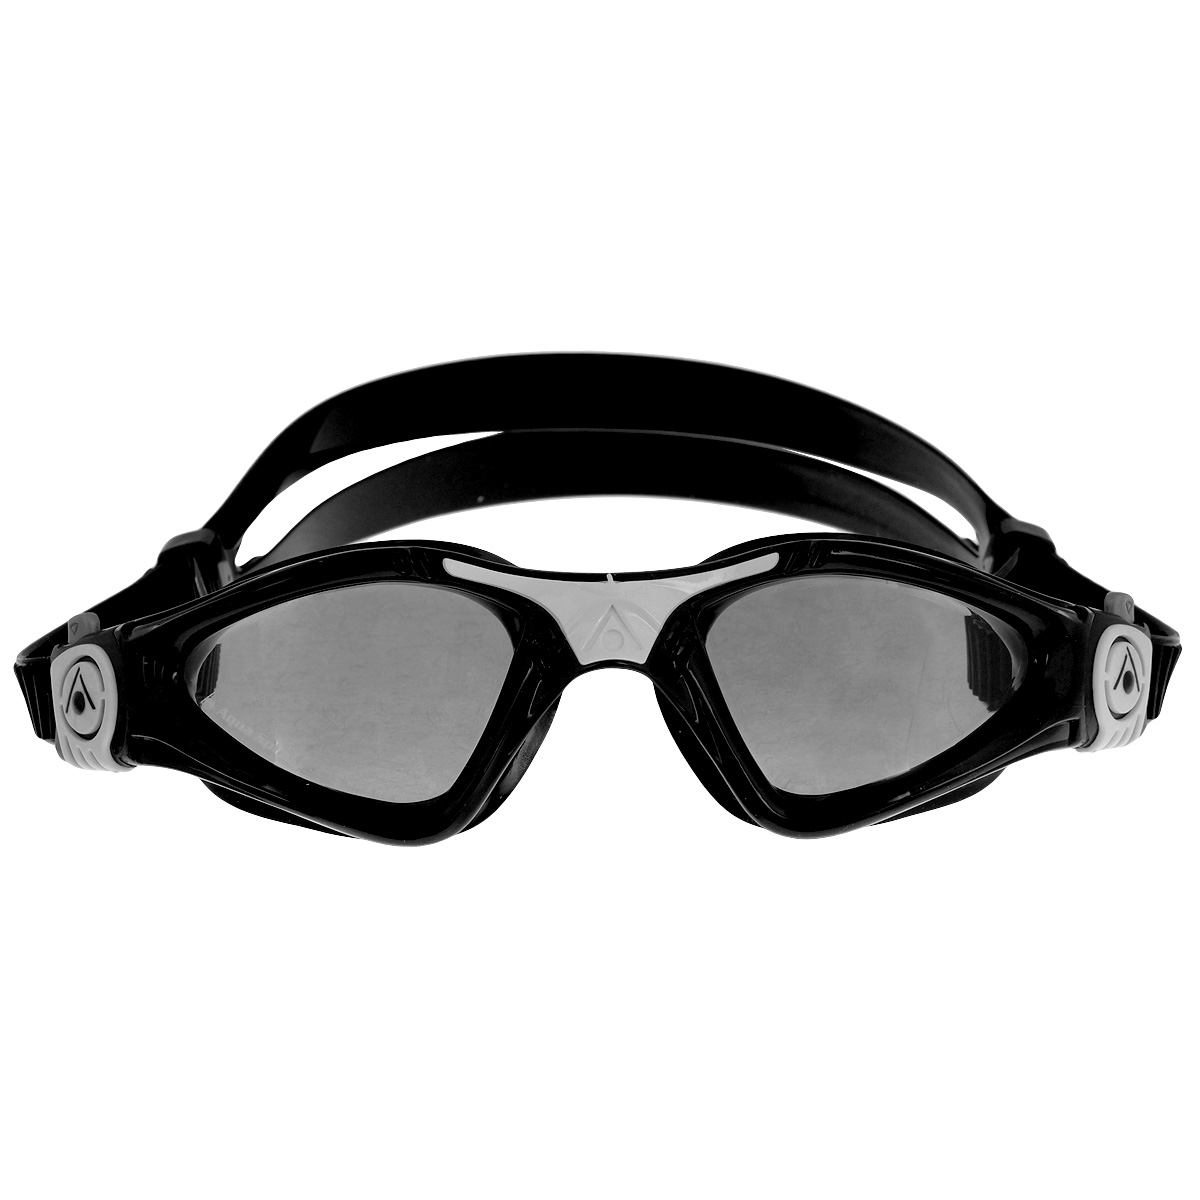 Очки для плавания Aqua Sphere Kayenne Small, цвет: черный, белыйBR1072Детские очки для плавания Aqua Sphere Kayenne Small идеально подходят для плавания в бассейне или открытой воде. Оснащены линзами с антизапотевающим покрытием, которые устойчивы к появлению царапин. Мягкий комфортный обтюратор плотно прилегает к лицу.Запатентованные изогнутые линзы дают прекрасный обзор на 180° - без искажений. Рамка имеет гидродинамическую форму. Очки оснащены удобными быстрорегулируемыми пряжками.Детский вариант популярных очков для плавания Aqua Sphere Kayenne сохраняет все лучшее от взрослой модели:мягкую не травмирующую обтюрациюувеличенную линзуудобную регулировку ремешковРасцветка и дизайн обязательно понравятся вашему ребенку!Материал: софтерил, plexisol.